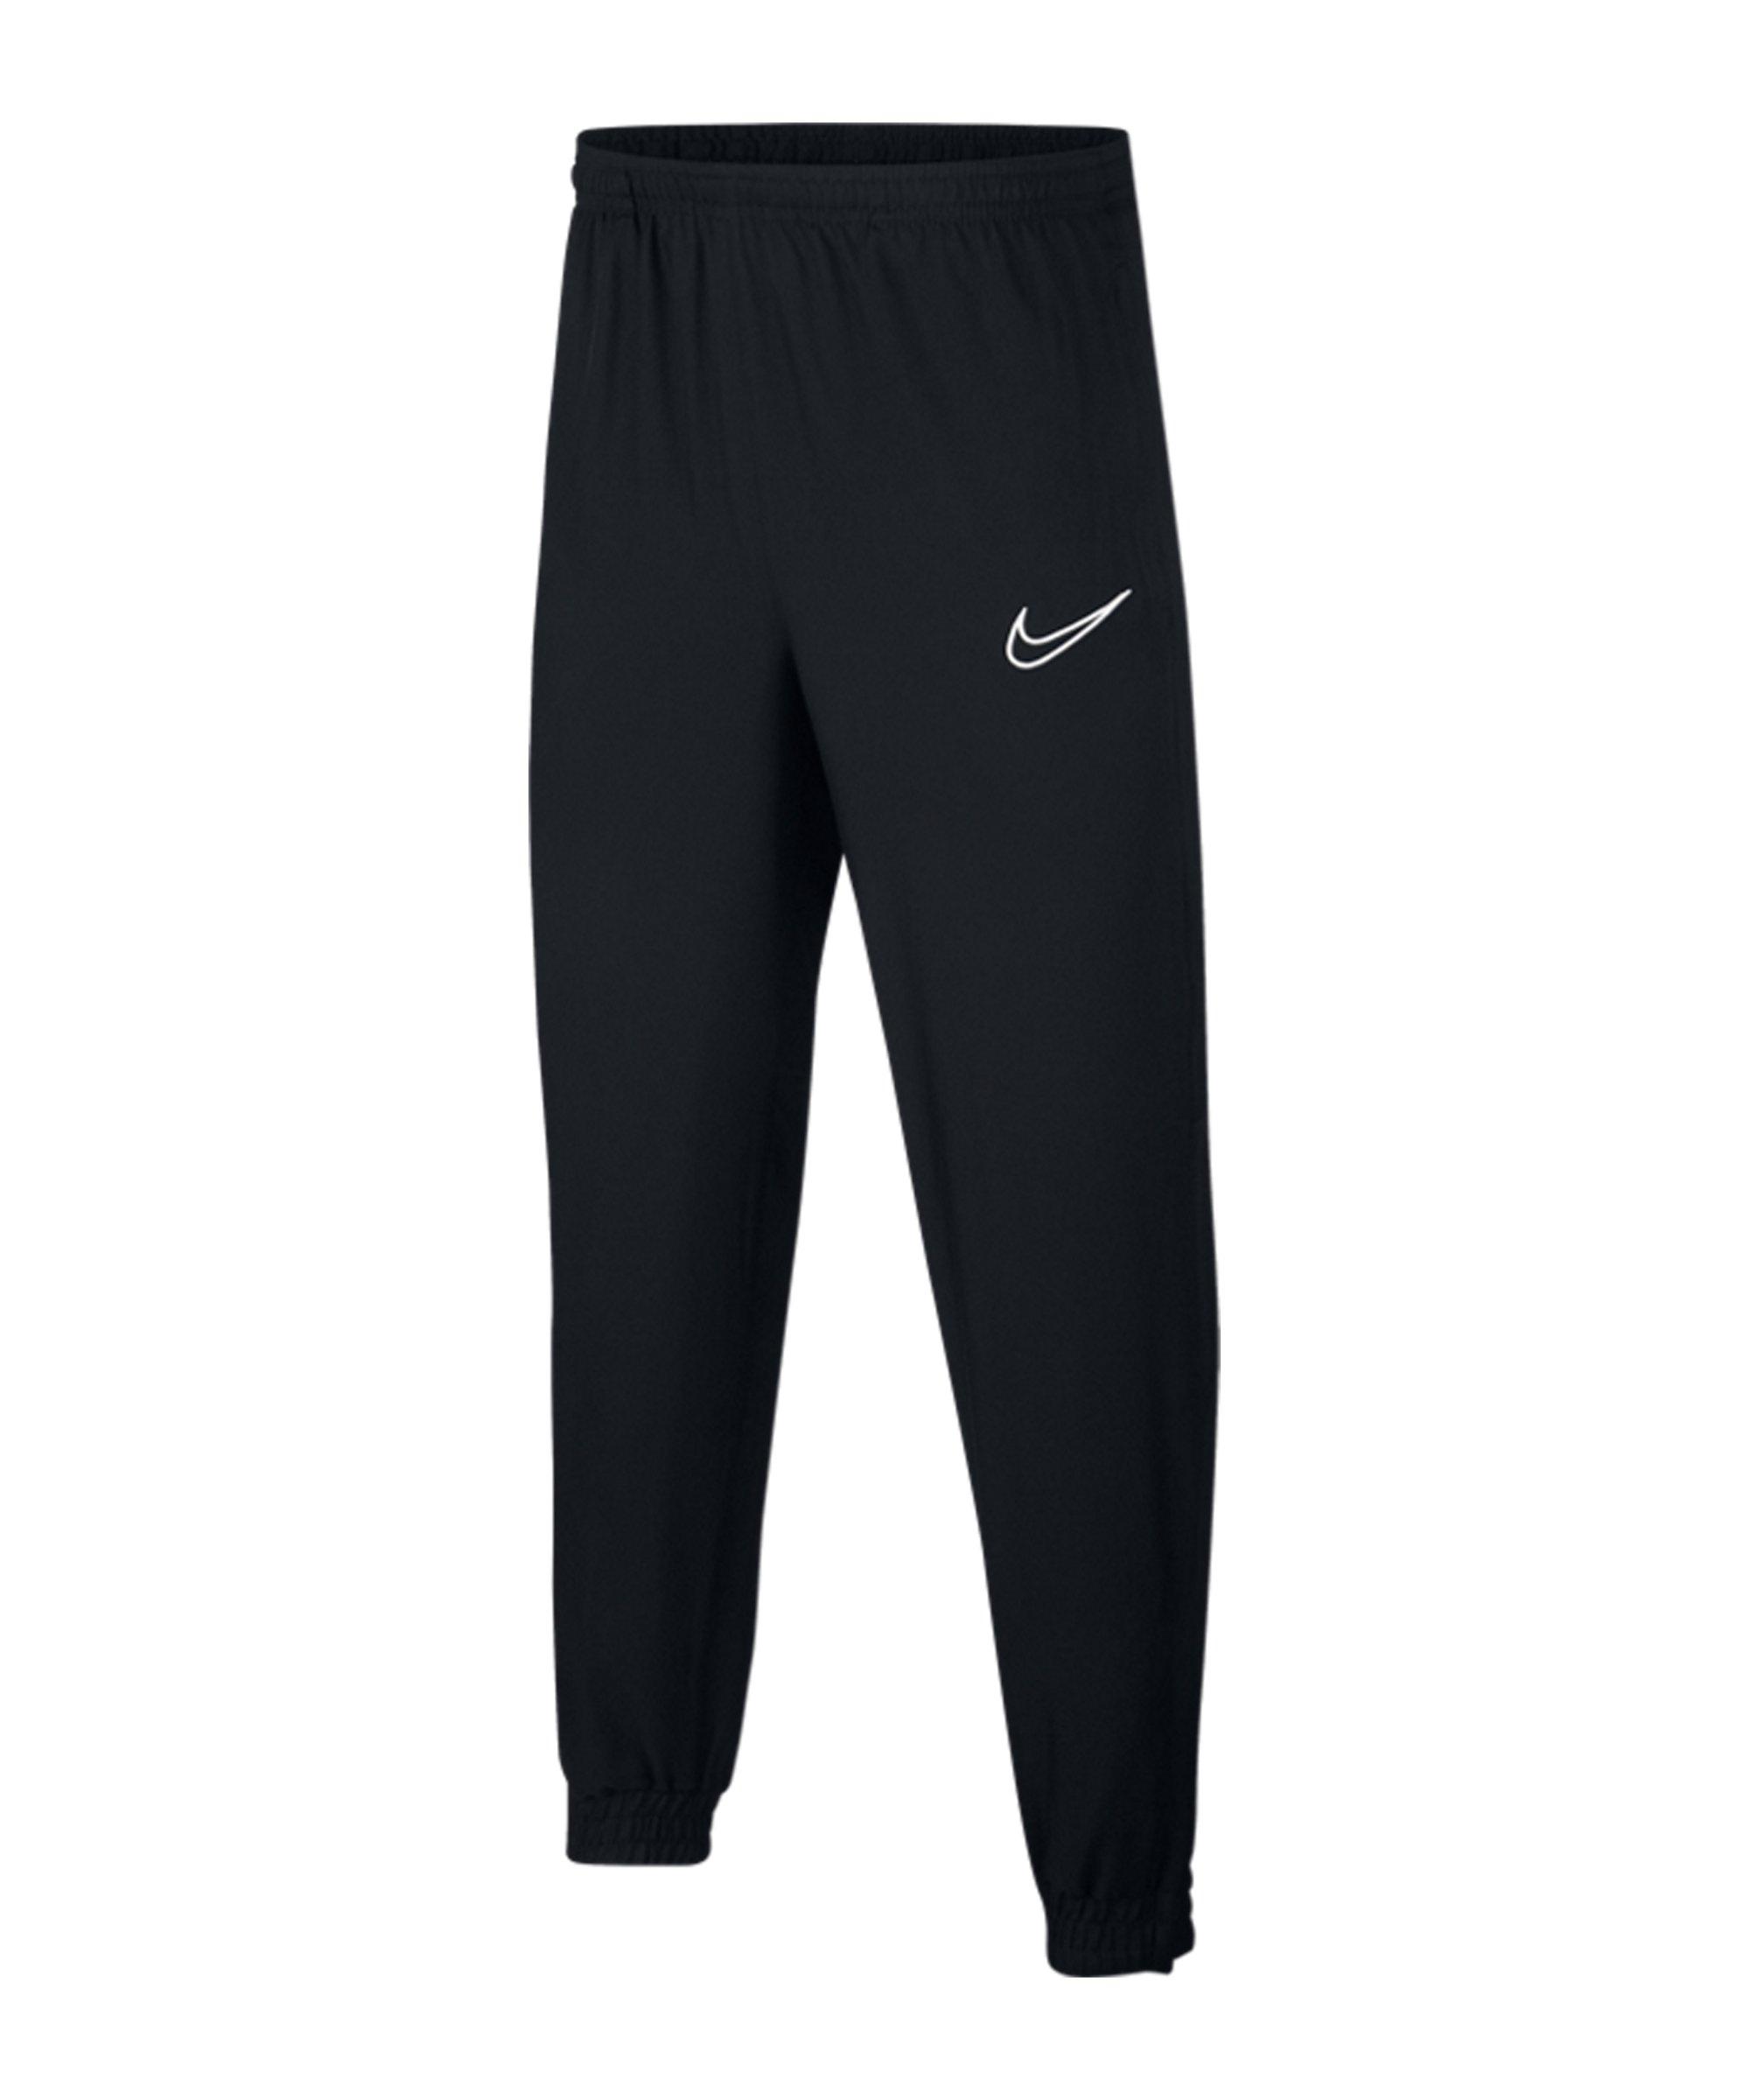 Nike Academy Trainingshose Kids Schwarz Weiss F014 - schwarz